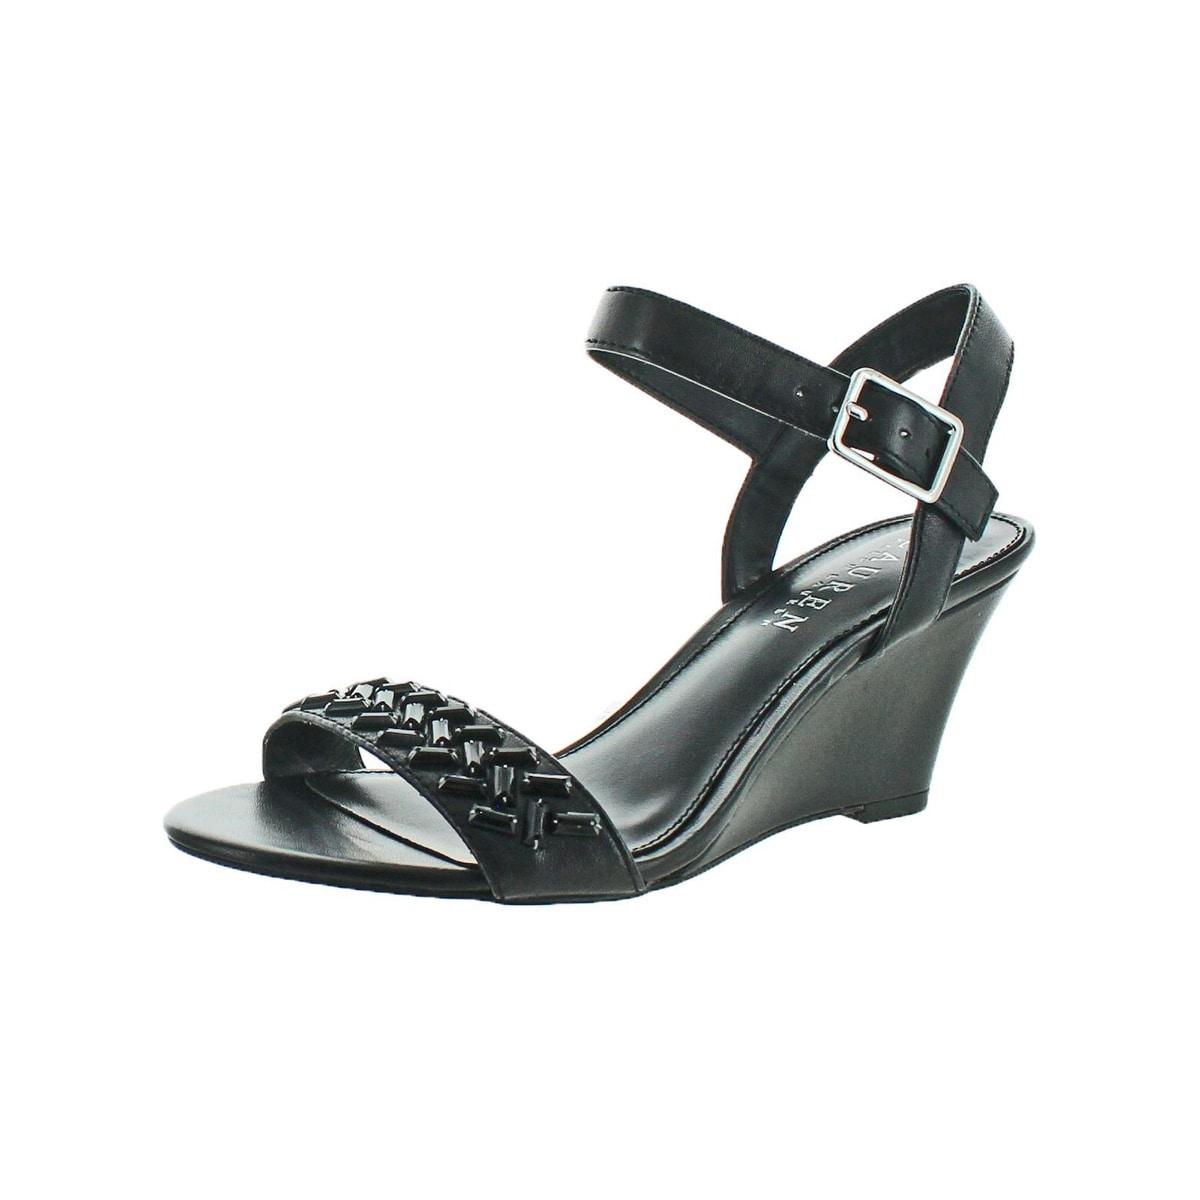 789504d4a8b5 Buy LAUREN Ralph Lauren Women s Sandals Online at Overstock